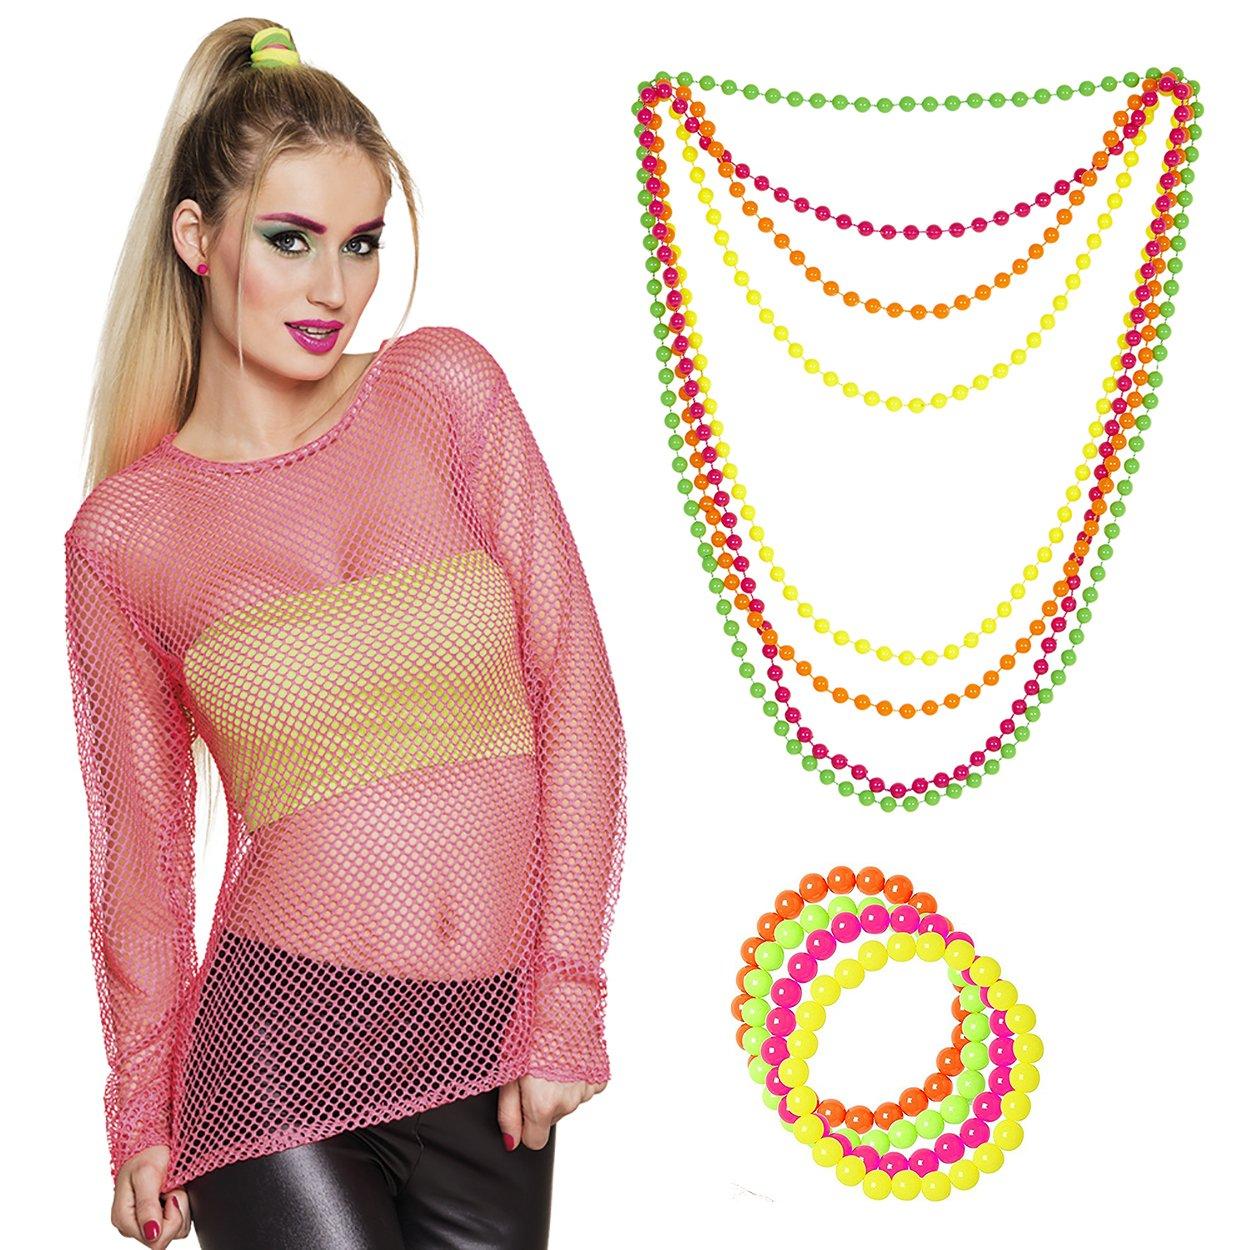 Netzshirt 80er Jahre Neonkleidung Netzhemd neon-pink mit Perlen ...